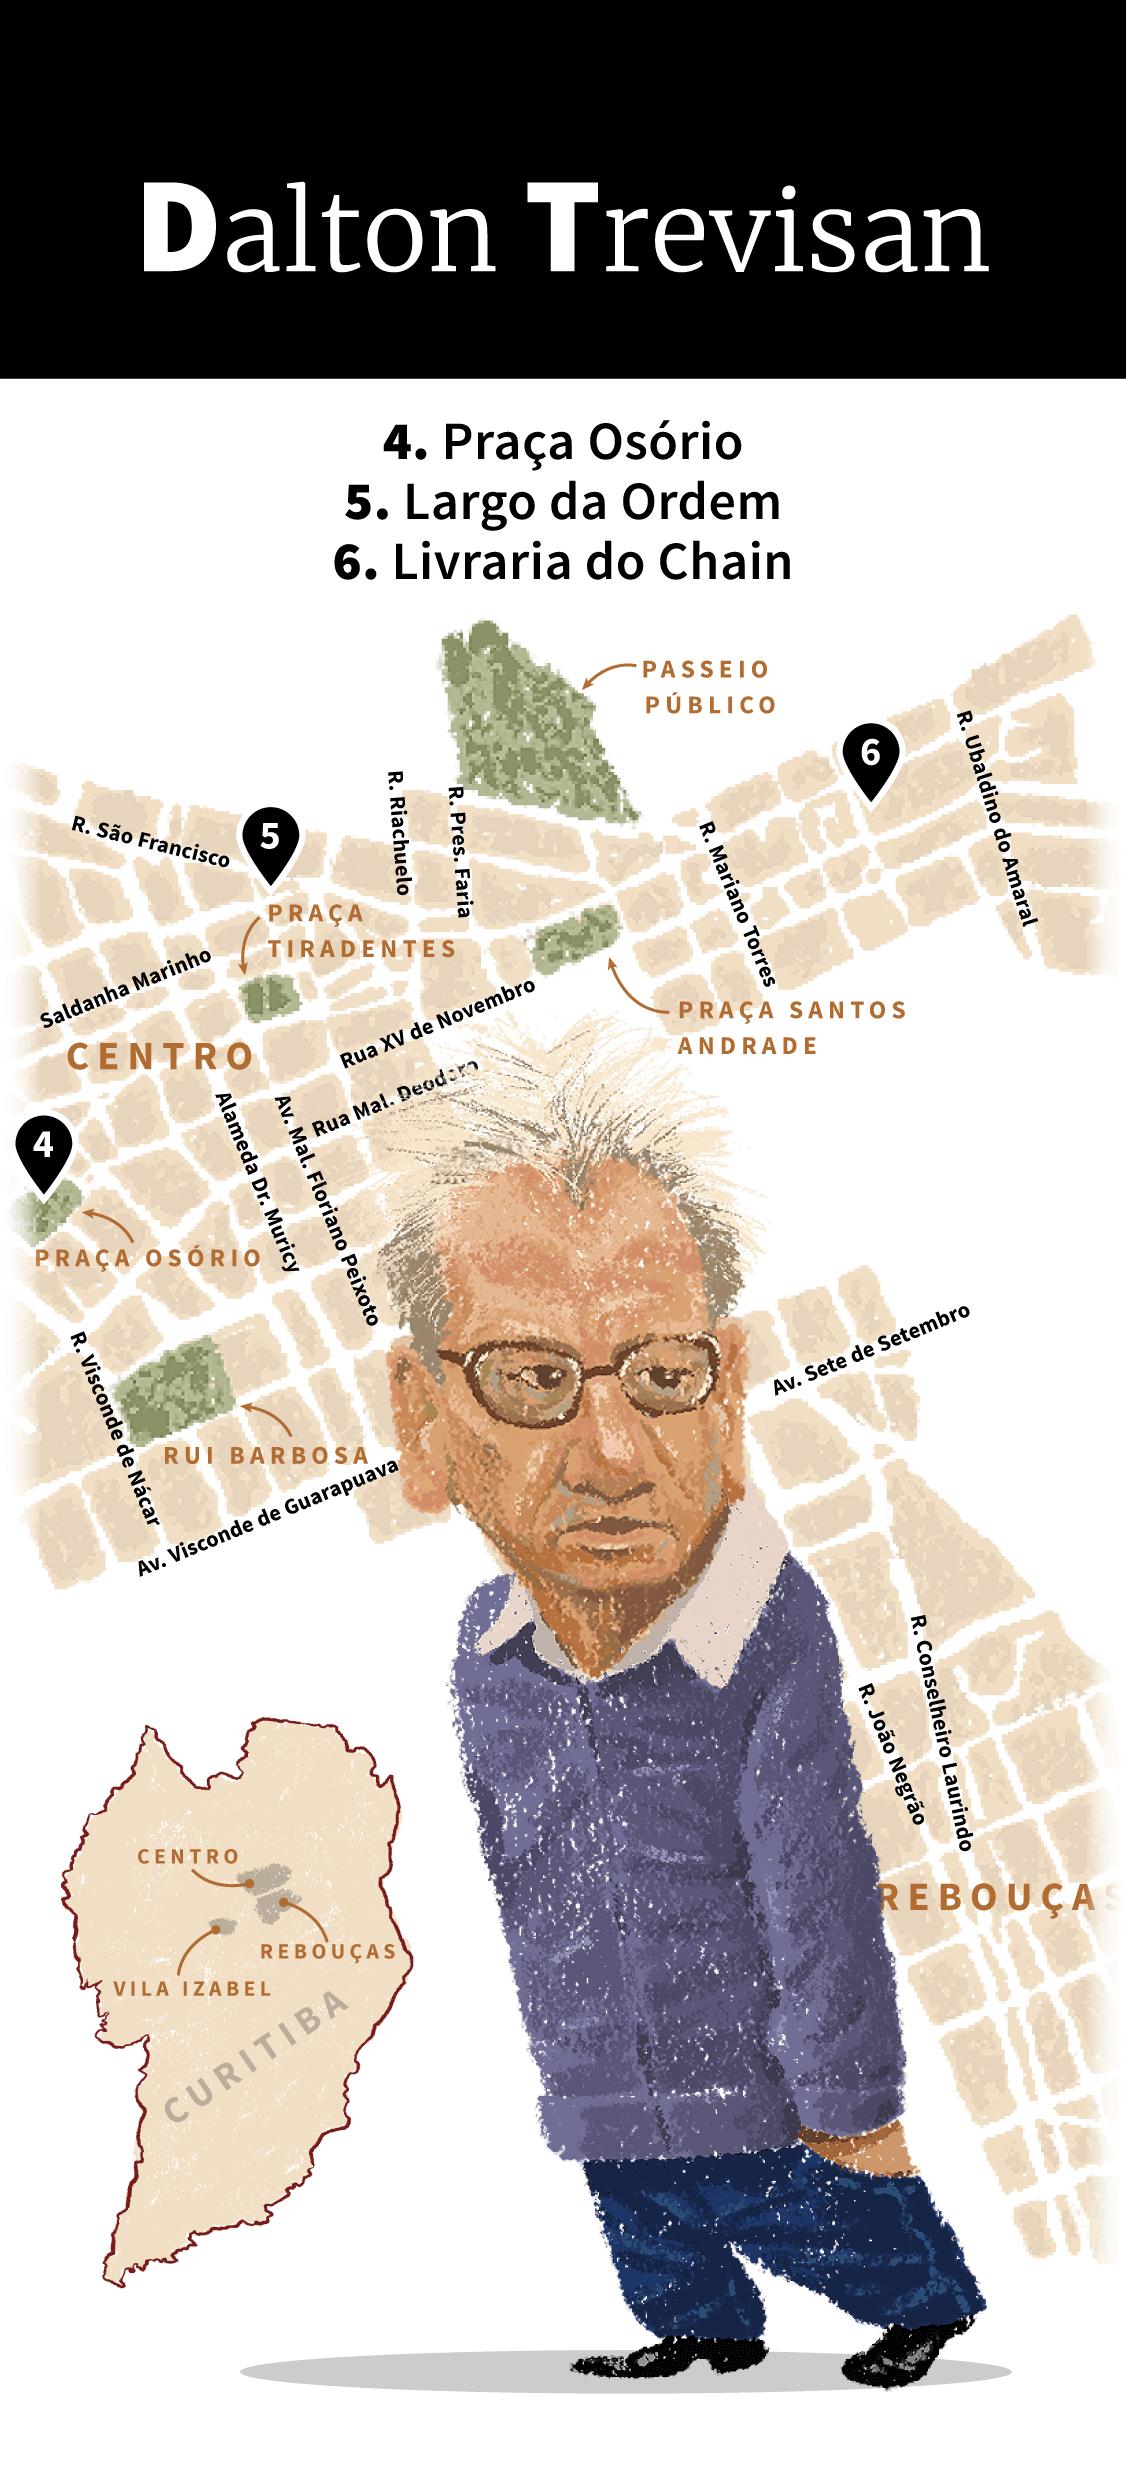 Infográfico: Locais de inspiração de Dalton Trevisan em Curitiba